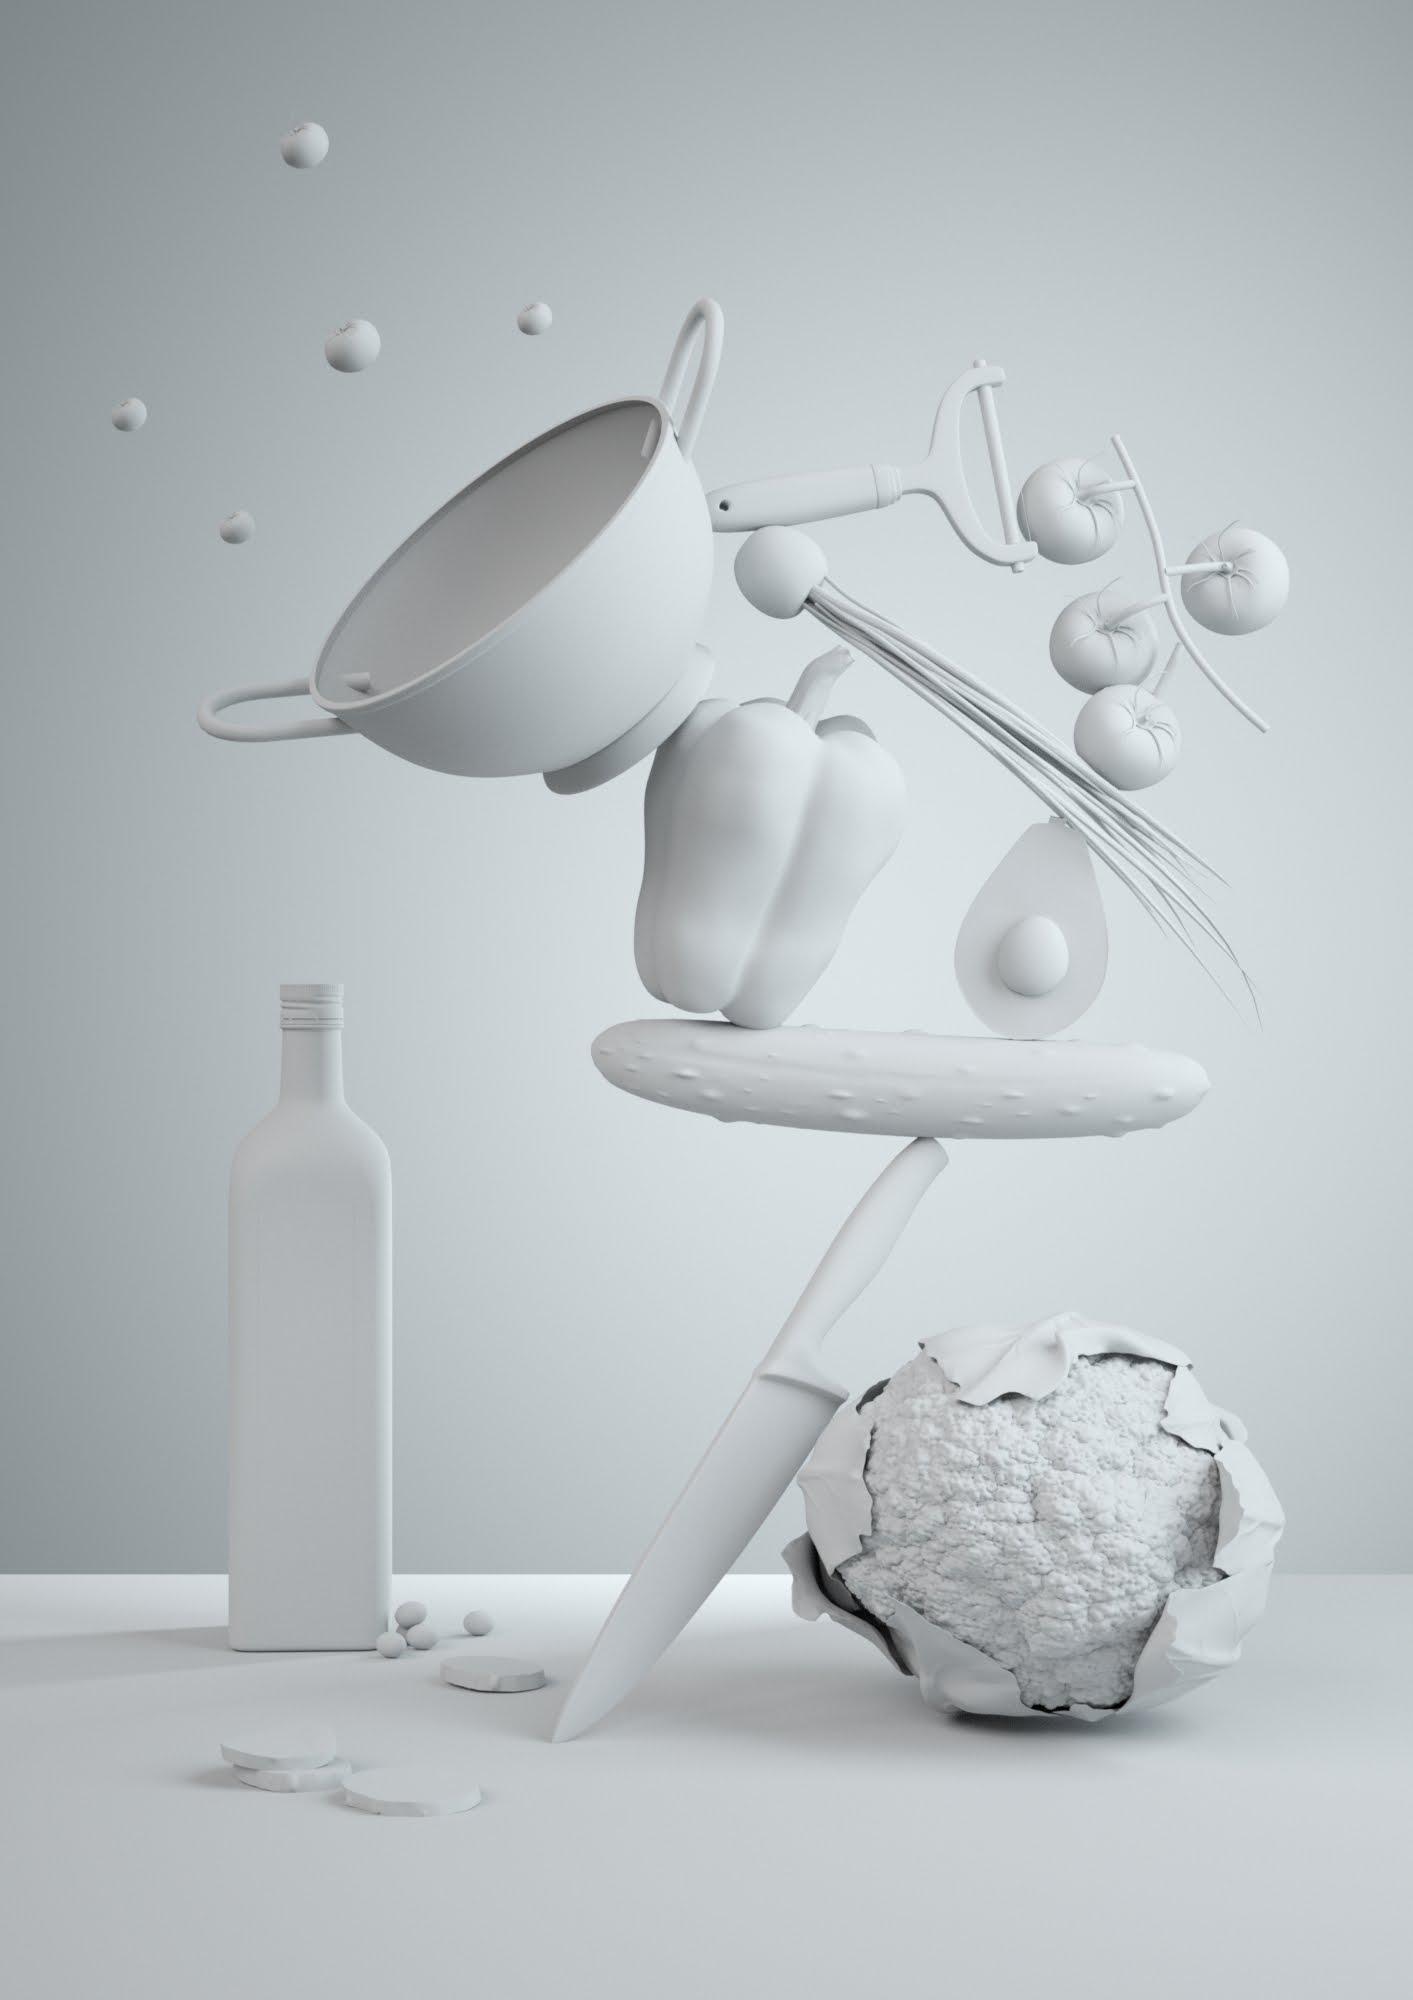 BetterLife_02KV_Draft_01.jpg